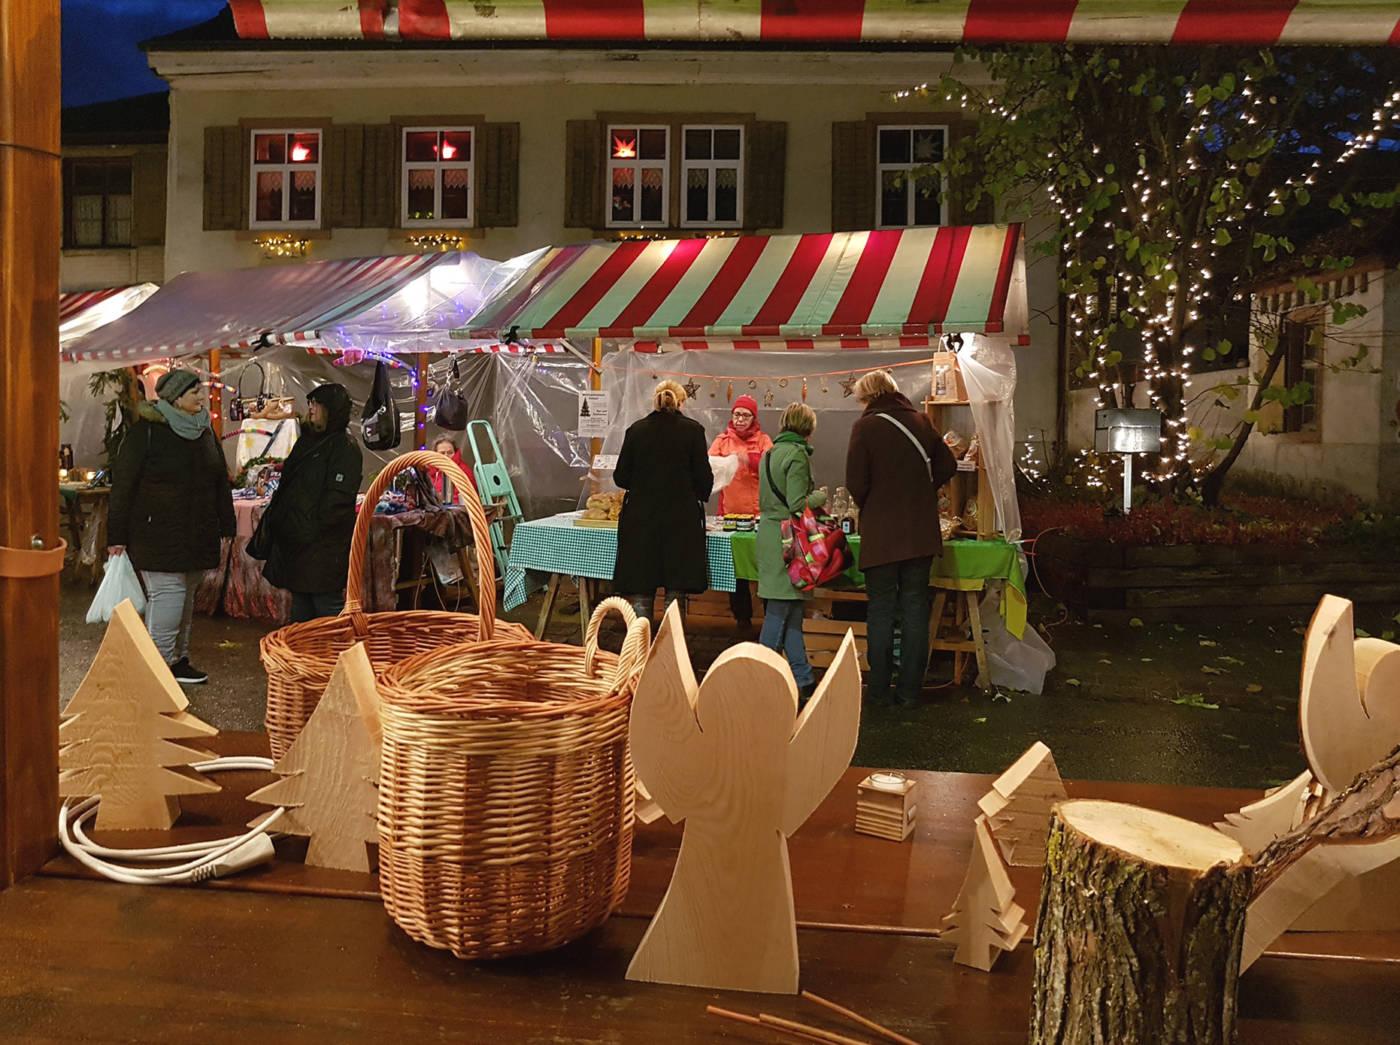 Willkommen am Prattler Weihnachtsmarkt, Eidgenössisches Schwing- und Älplerfest Pratteln im Baselbiet | ESAF 2022